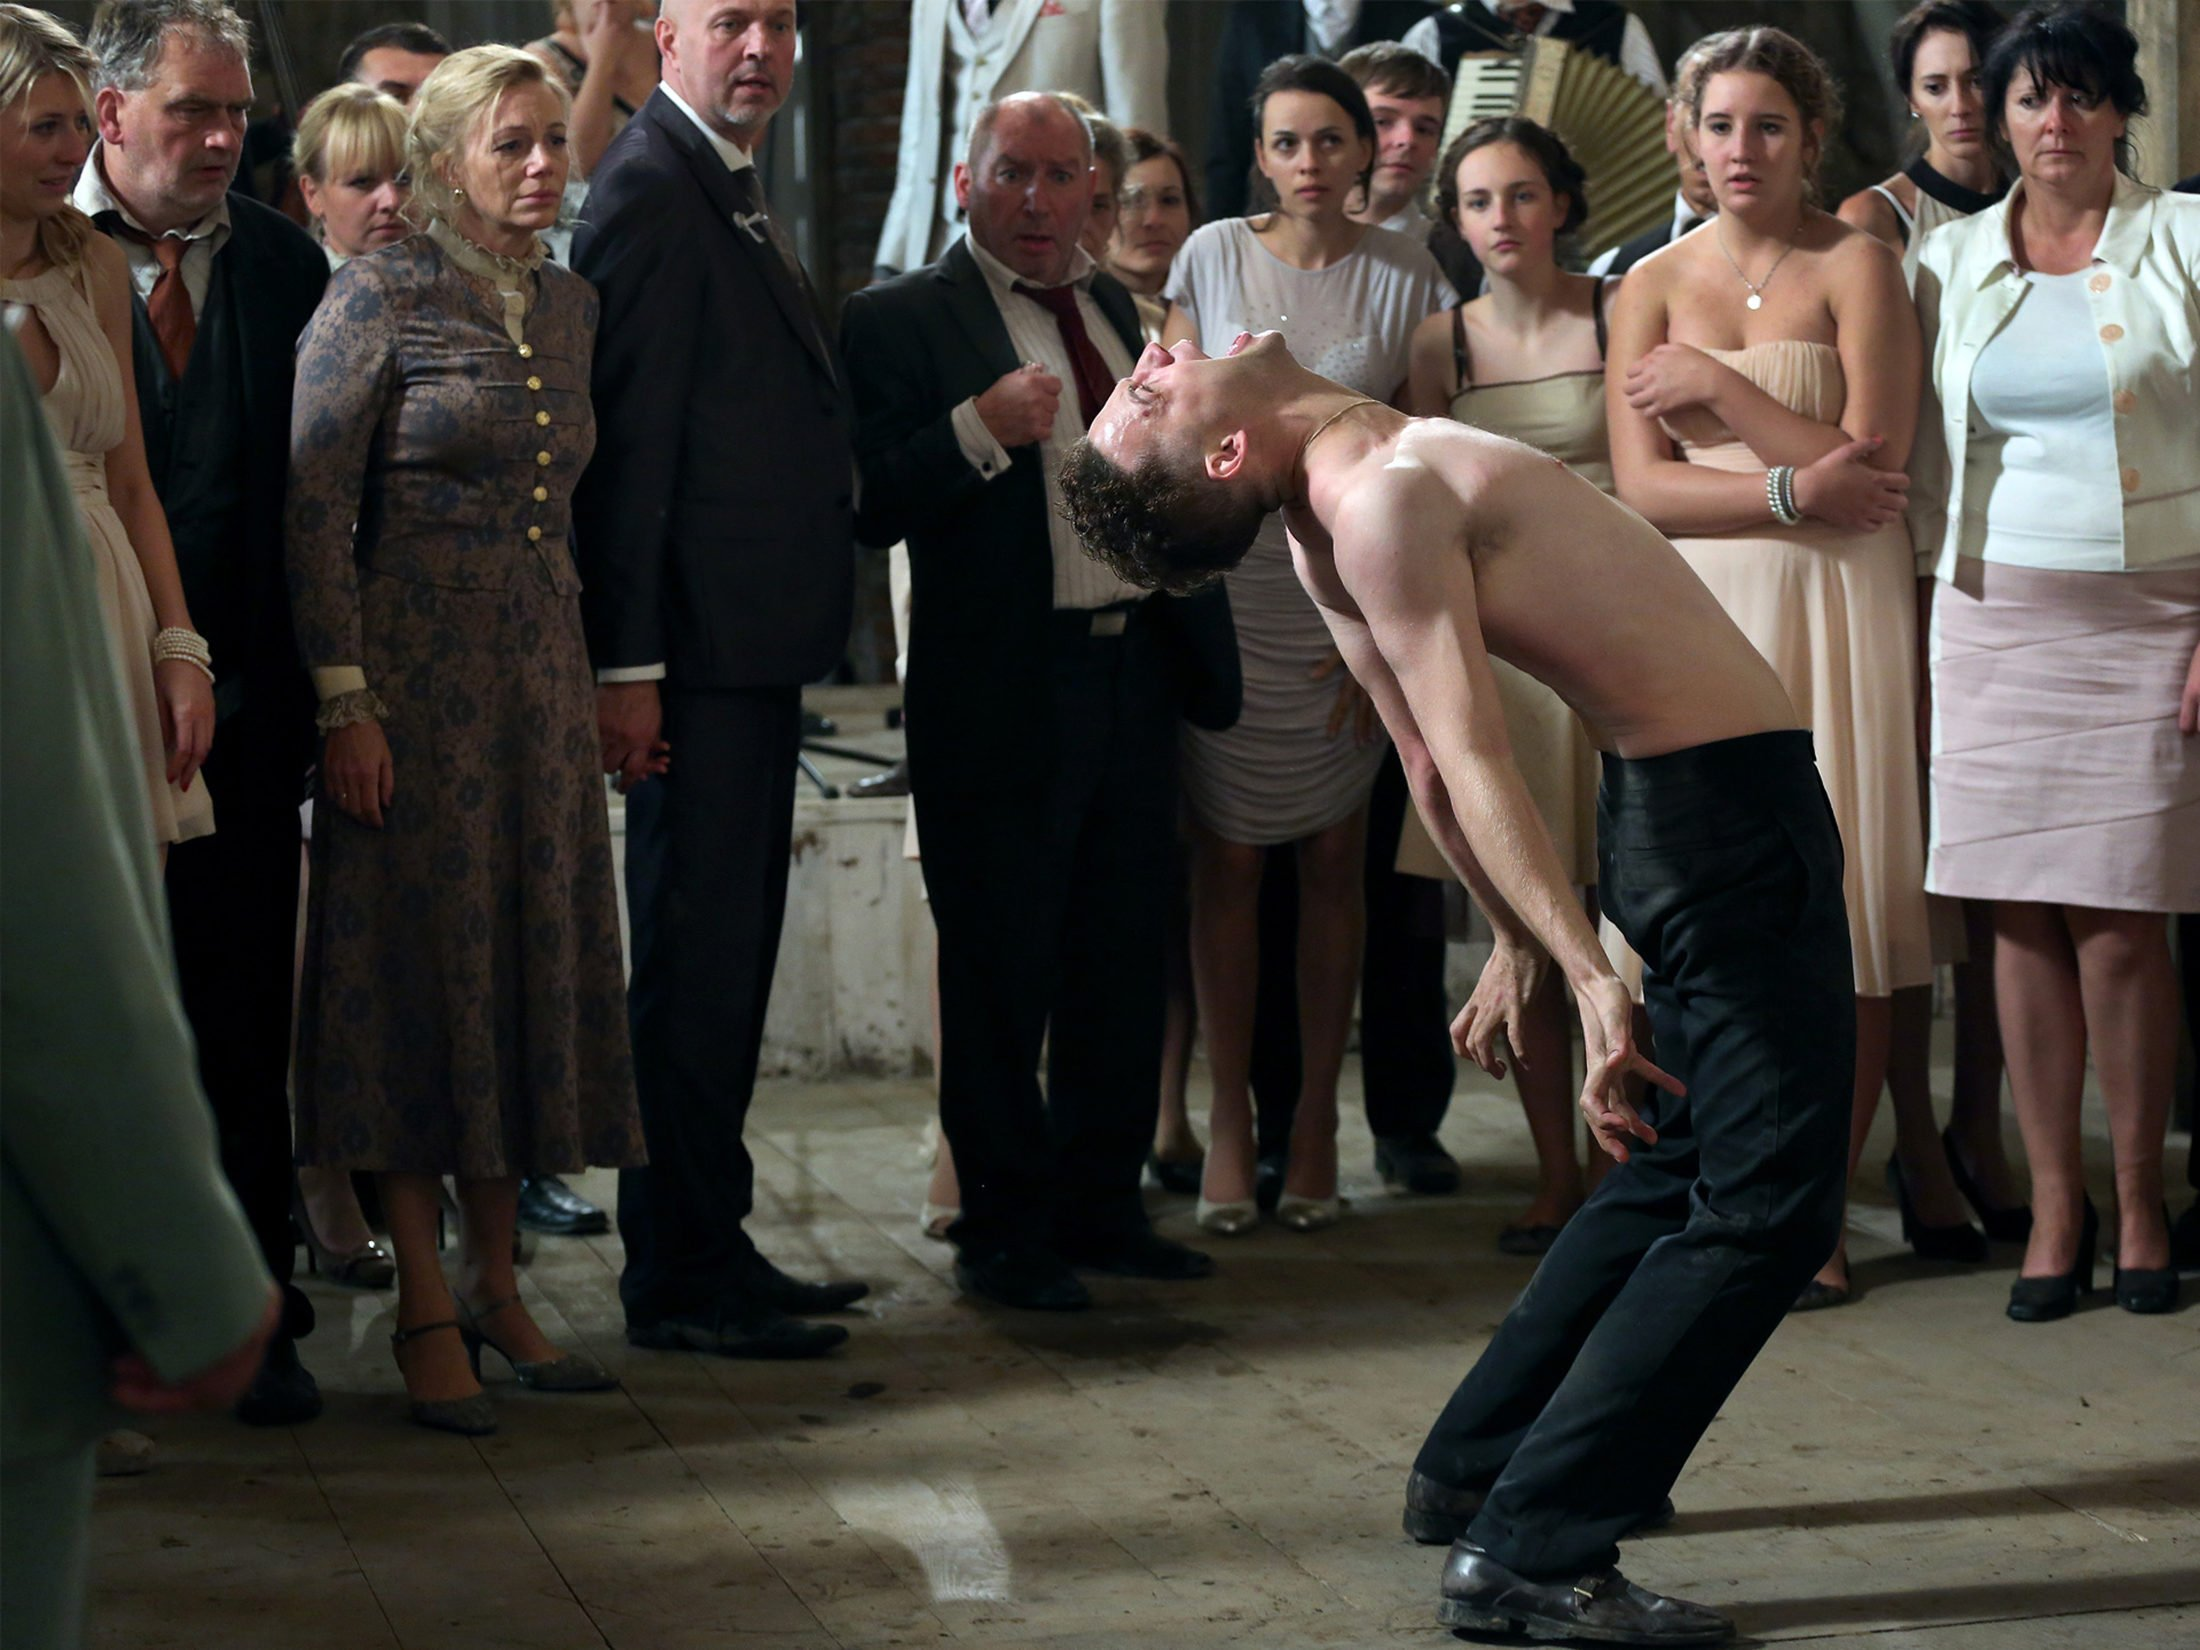 Demoniczna zamiana ciał na warszawskim dancingu. To i jeszcze więcej dziś na Showmax